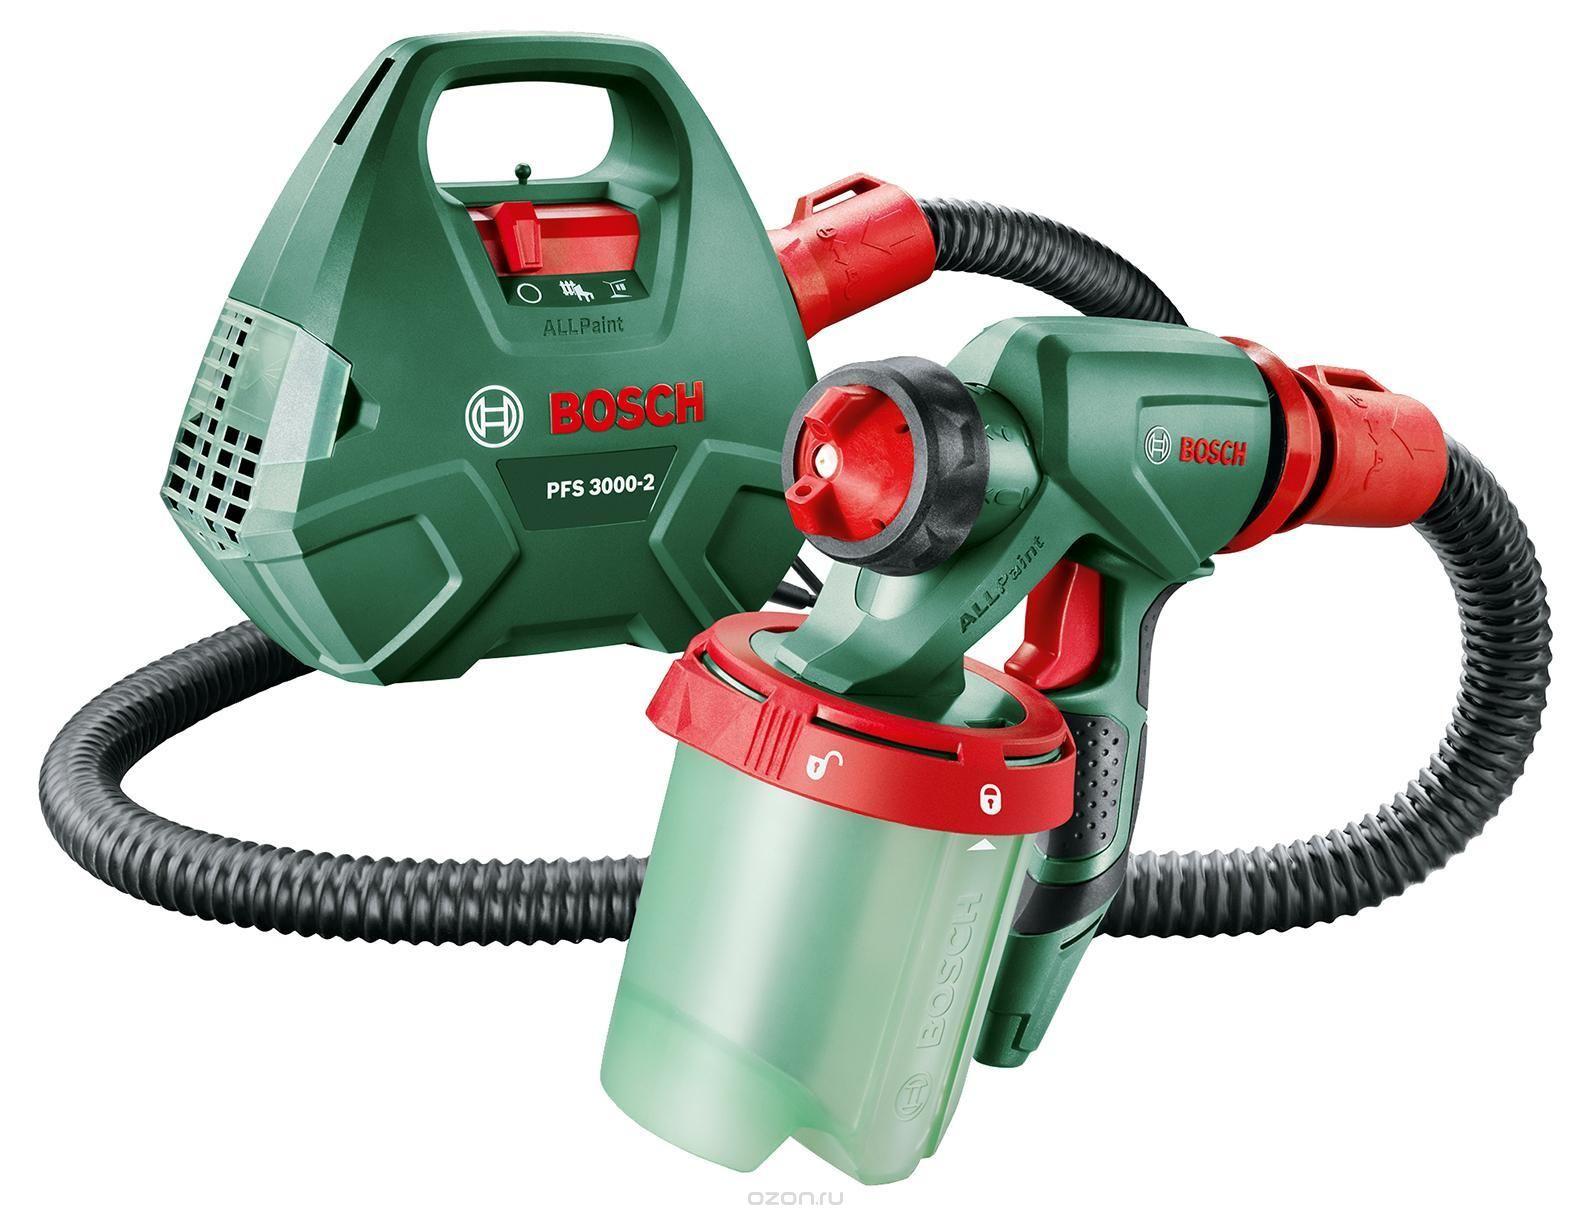 Краскопульт Bosch PFS 3000-2 краскораспылитель bosch pfs 5000 e 0603207200